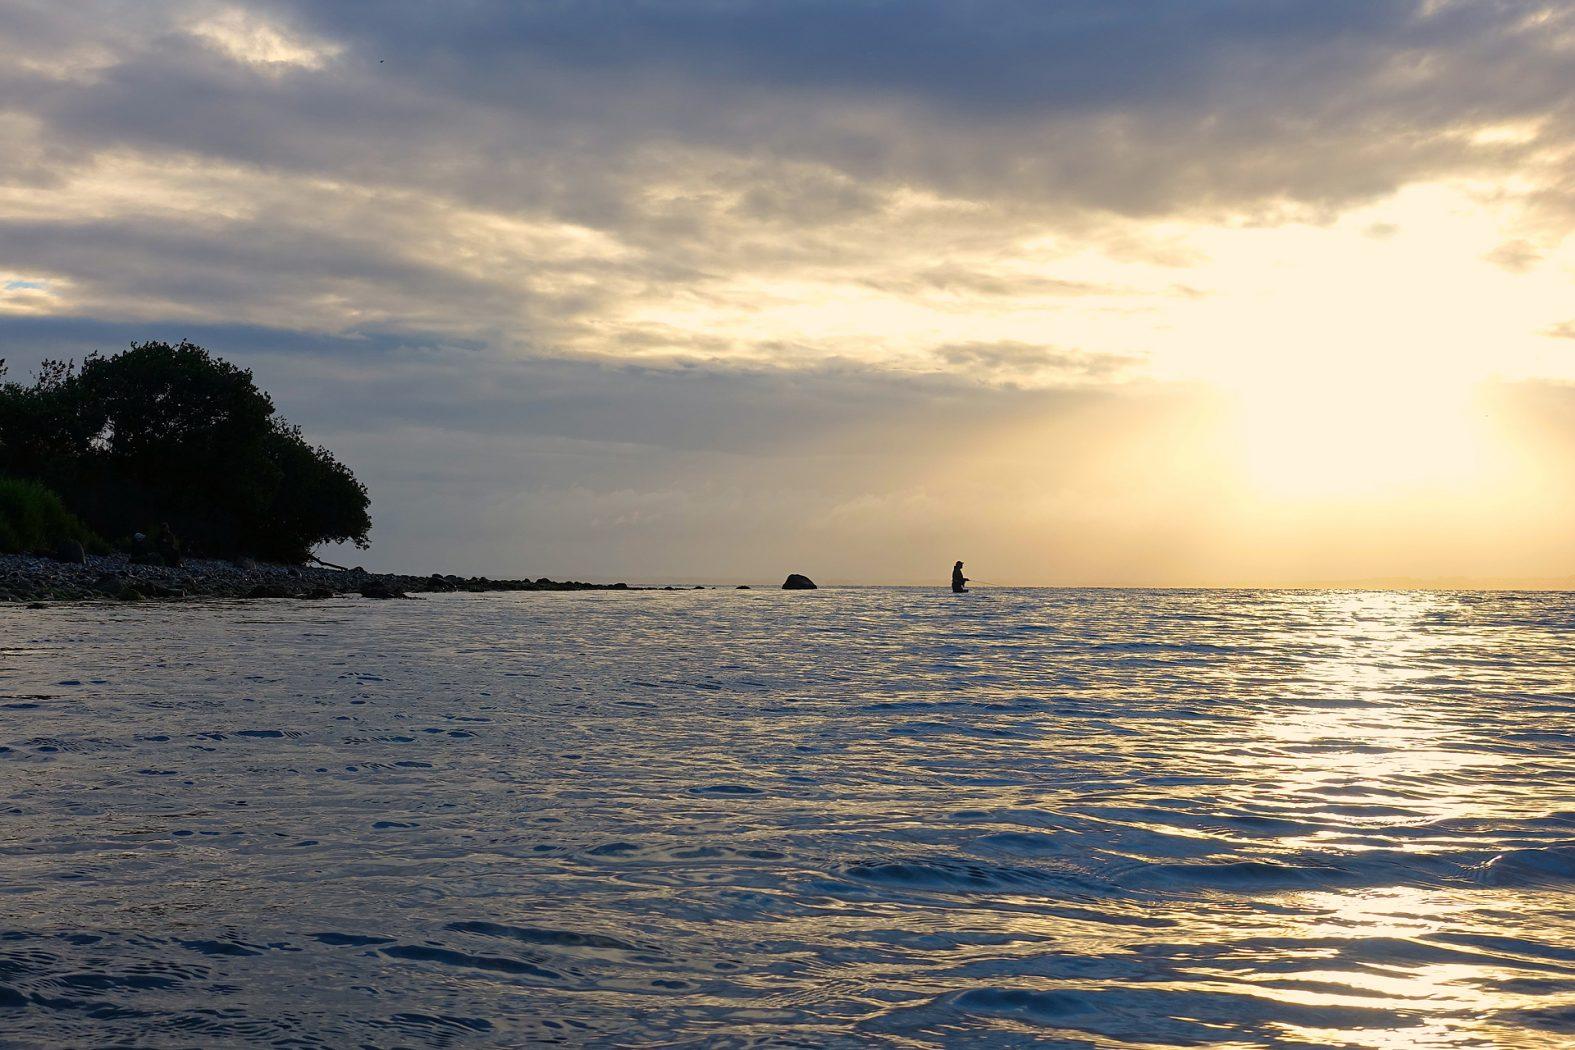 Angeln auf der Insel Barsø